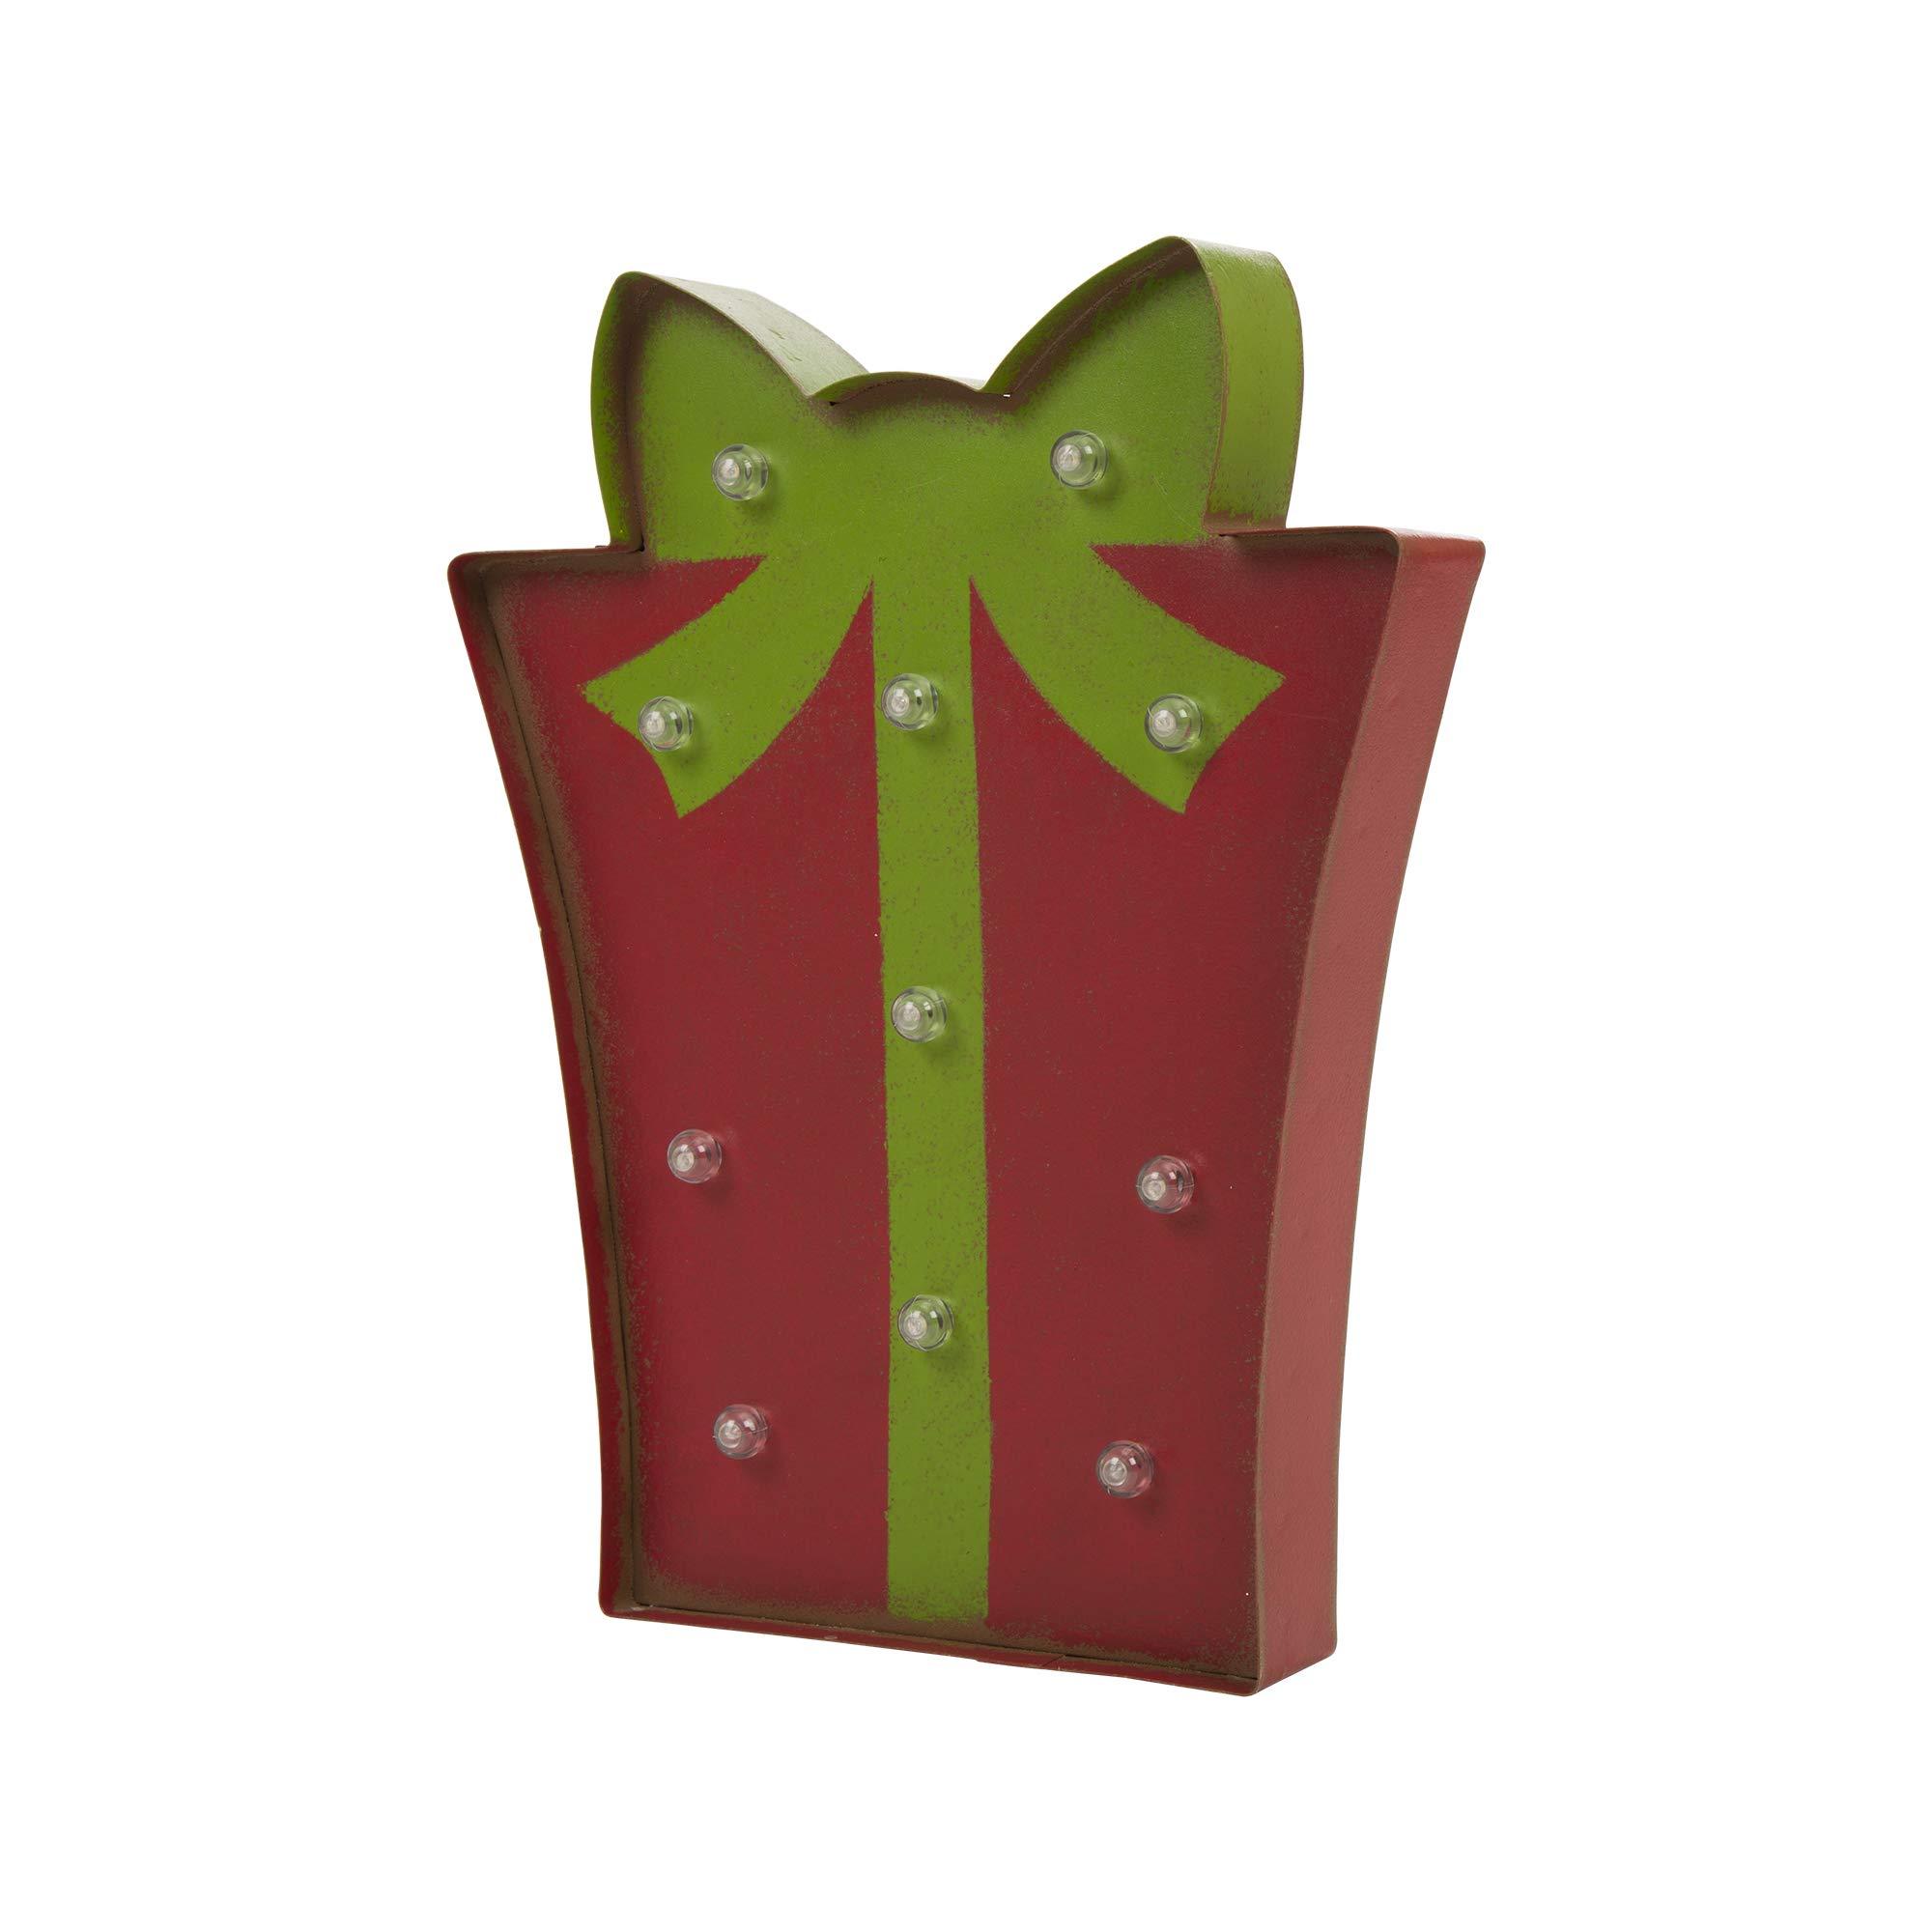 Glitzhome Marquee LED Gift Box